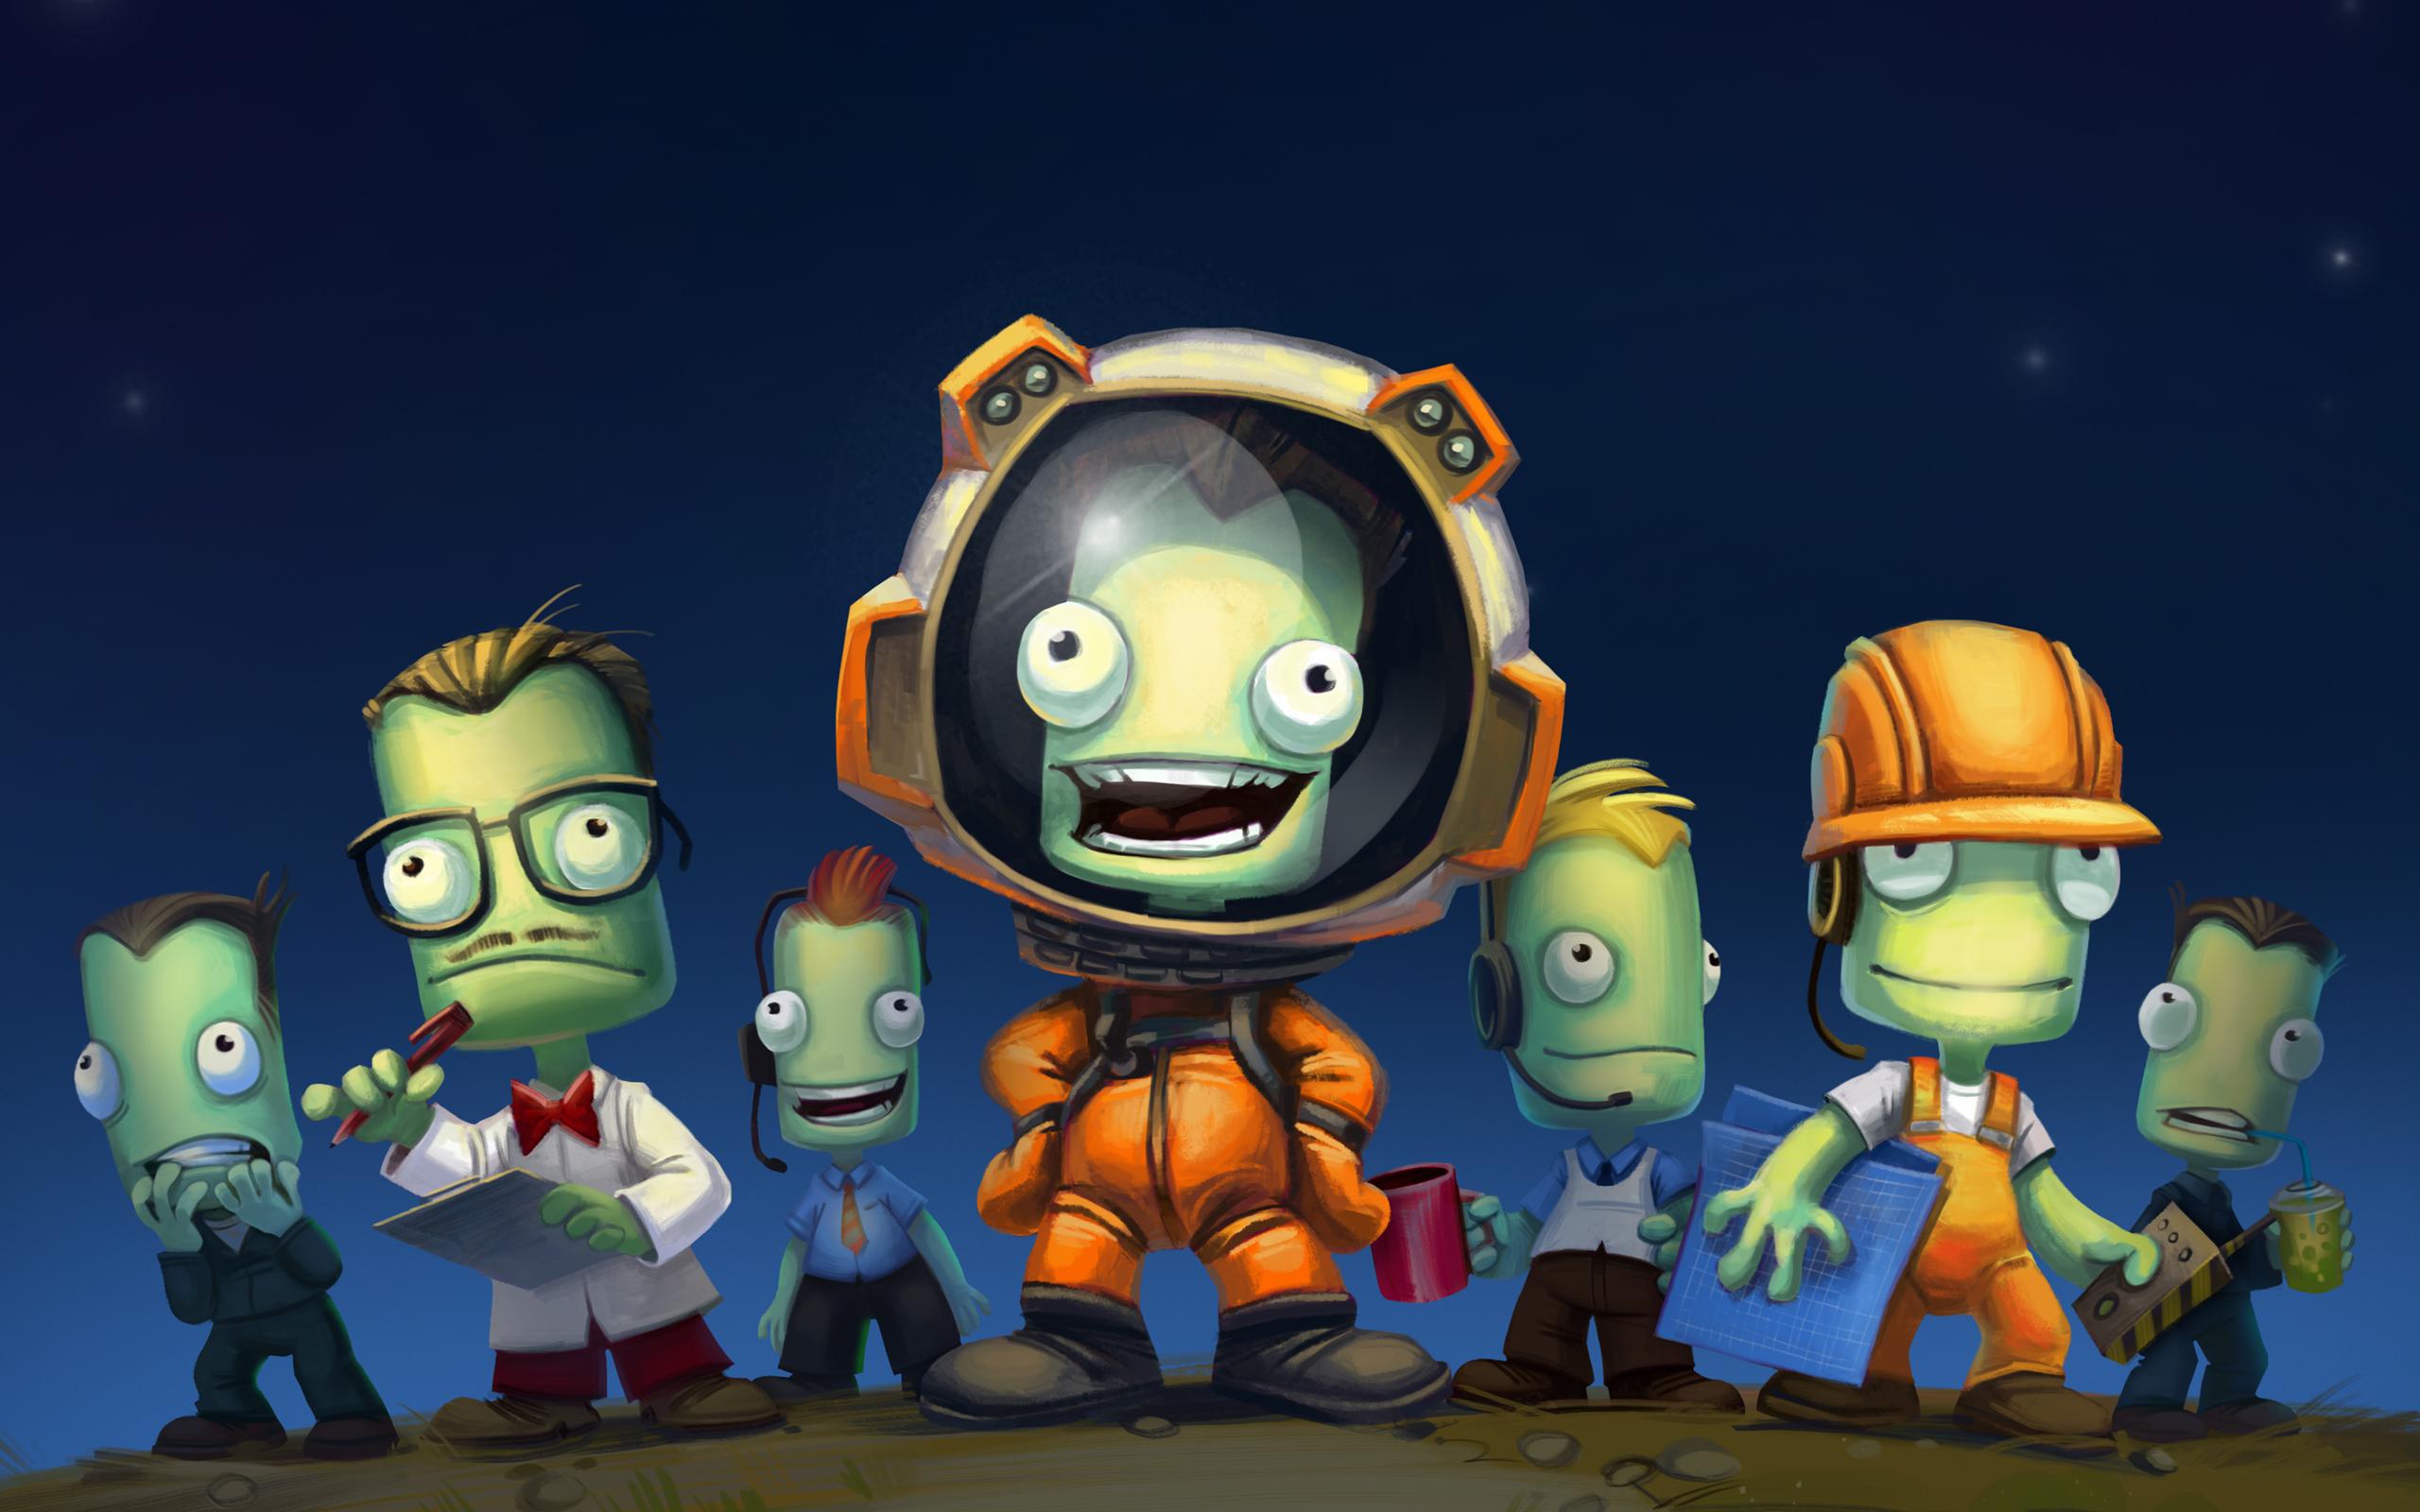 Wallpaper Kerbal Space Program Space Video Games Indie